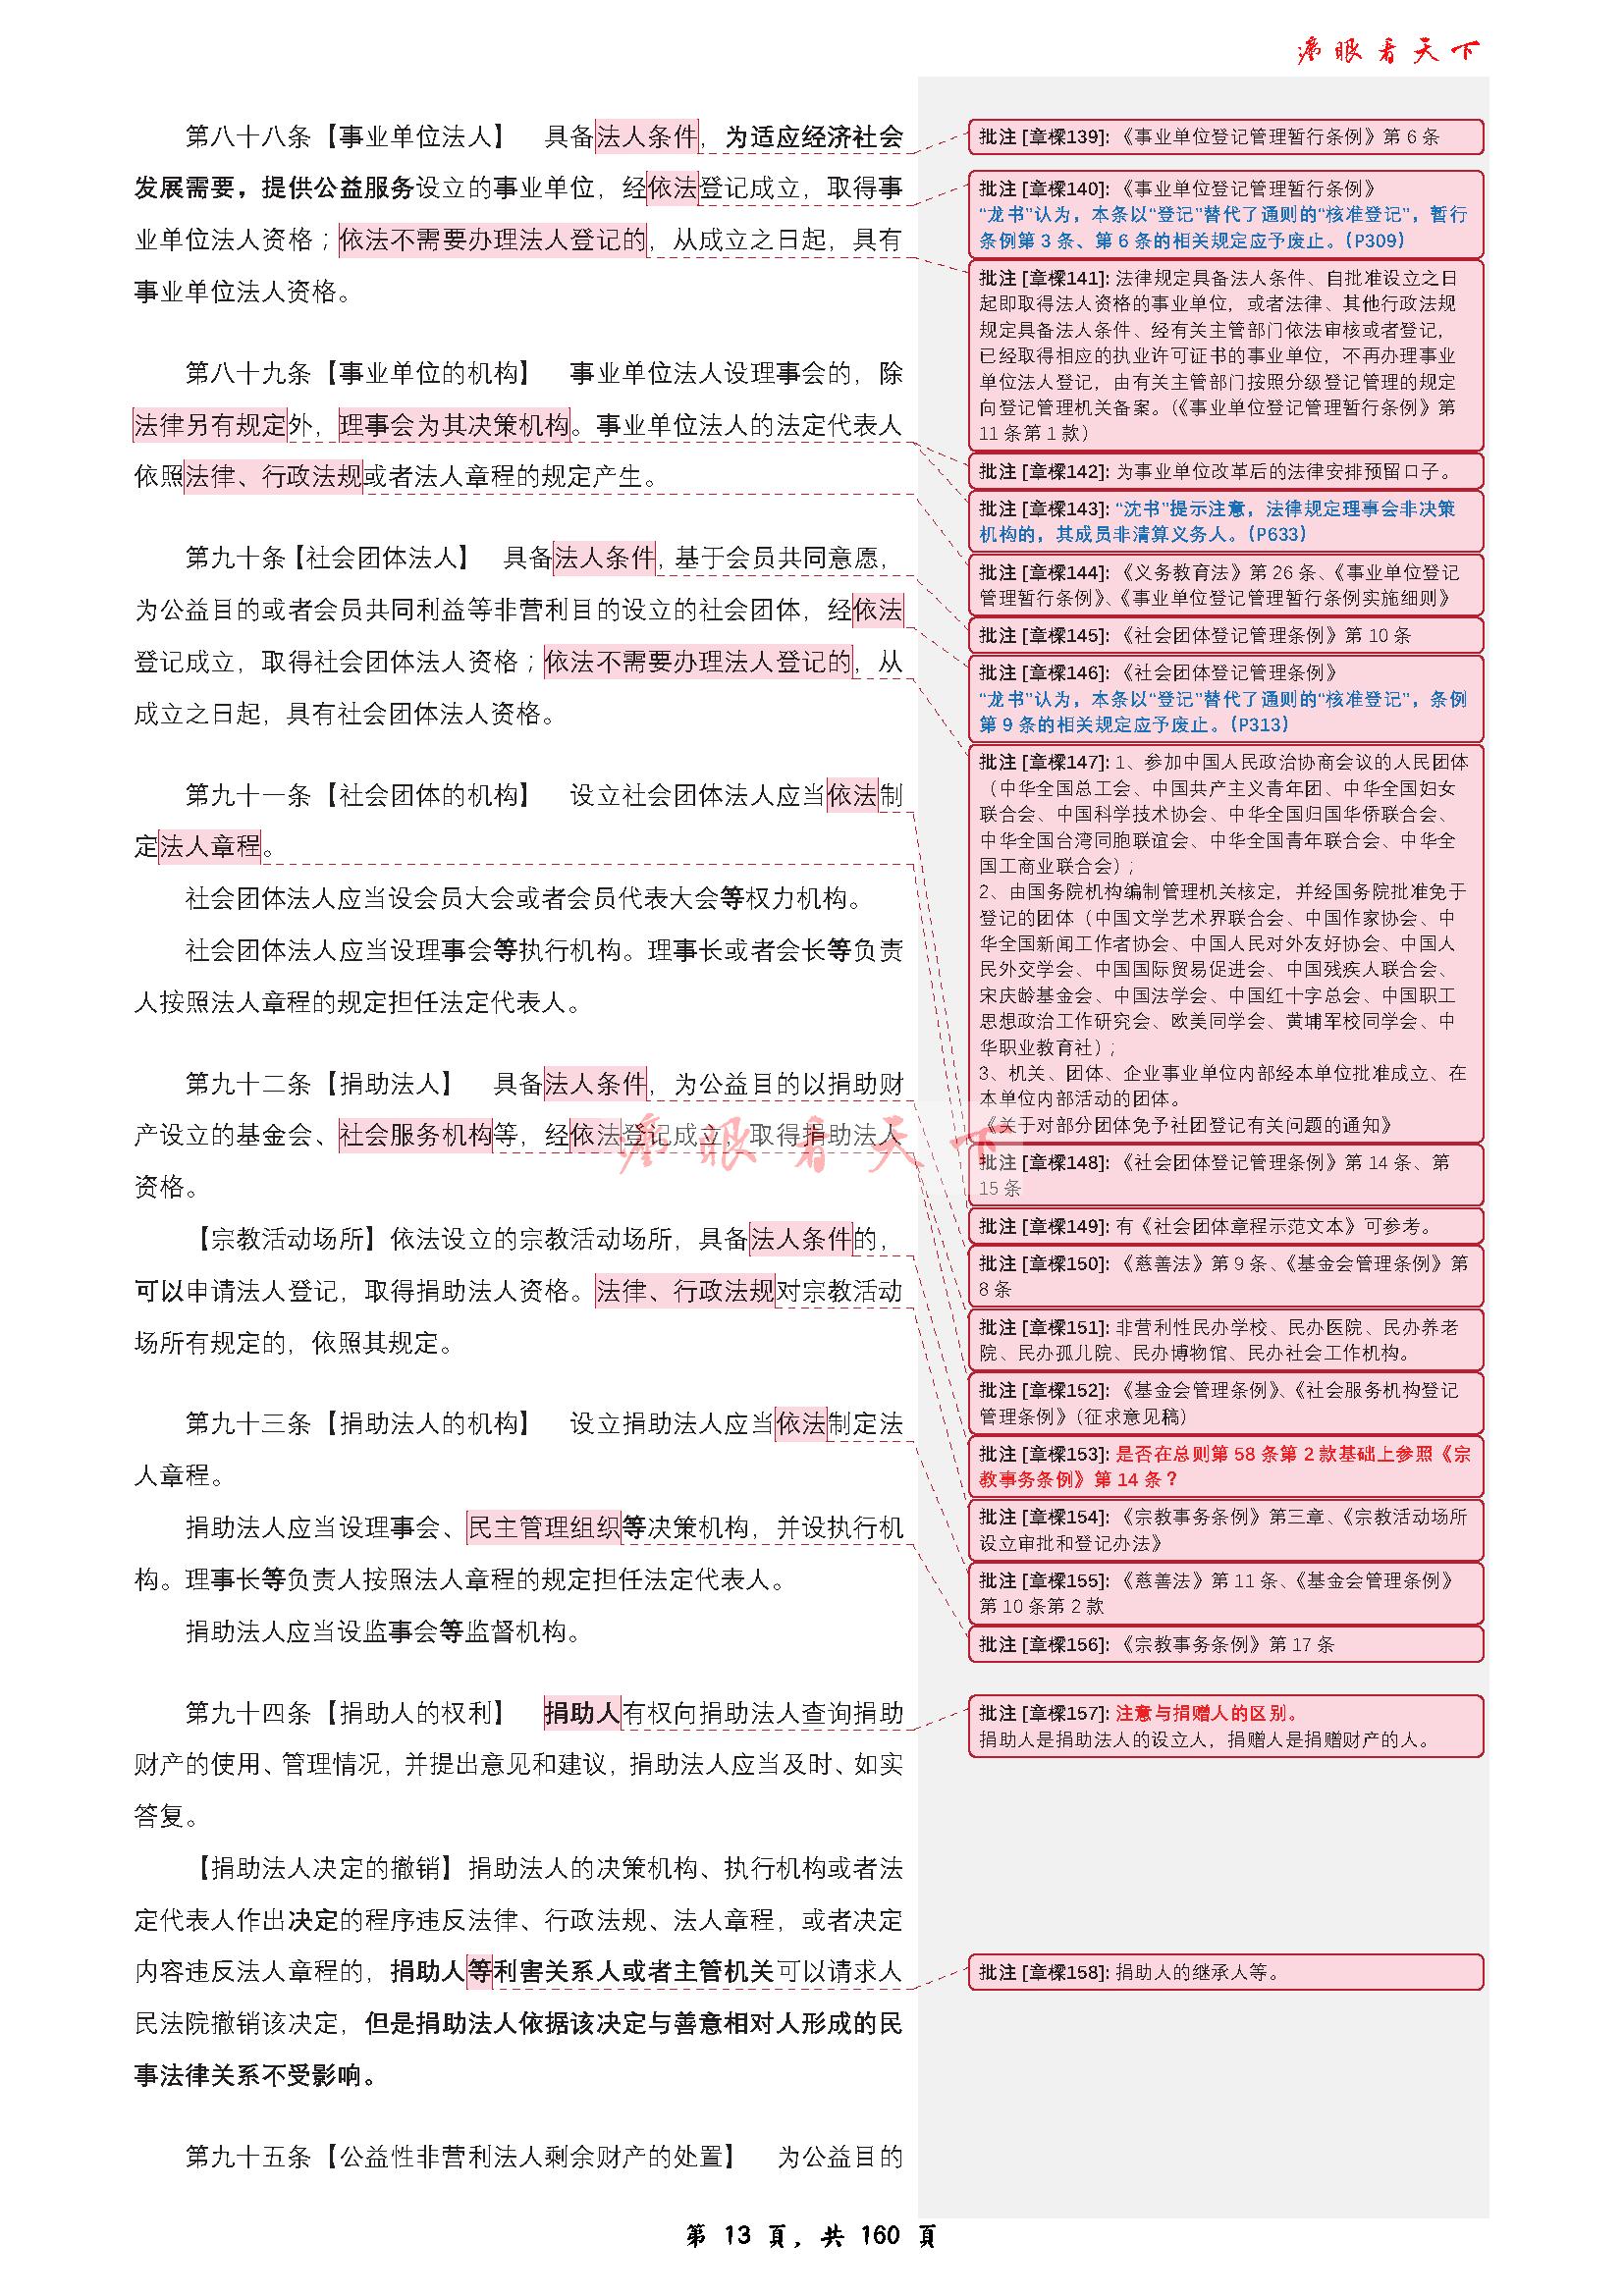 民法总则批注_页面_13.png